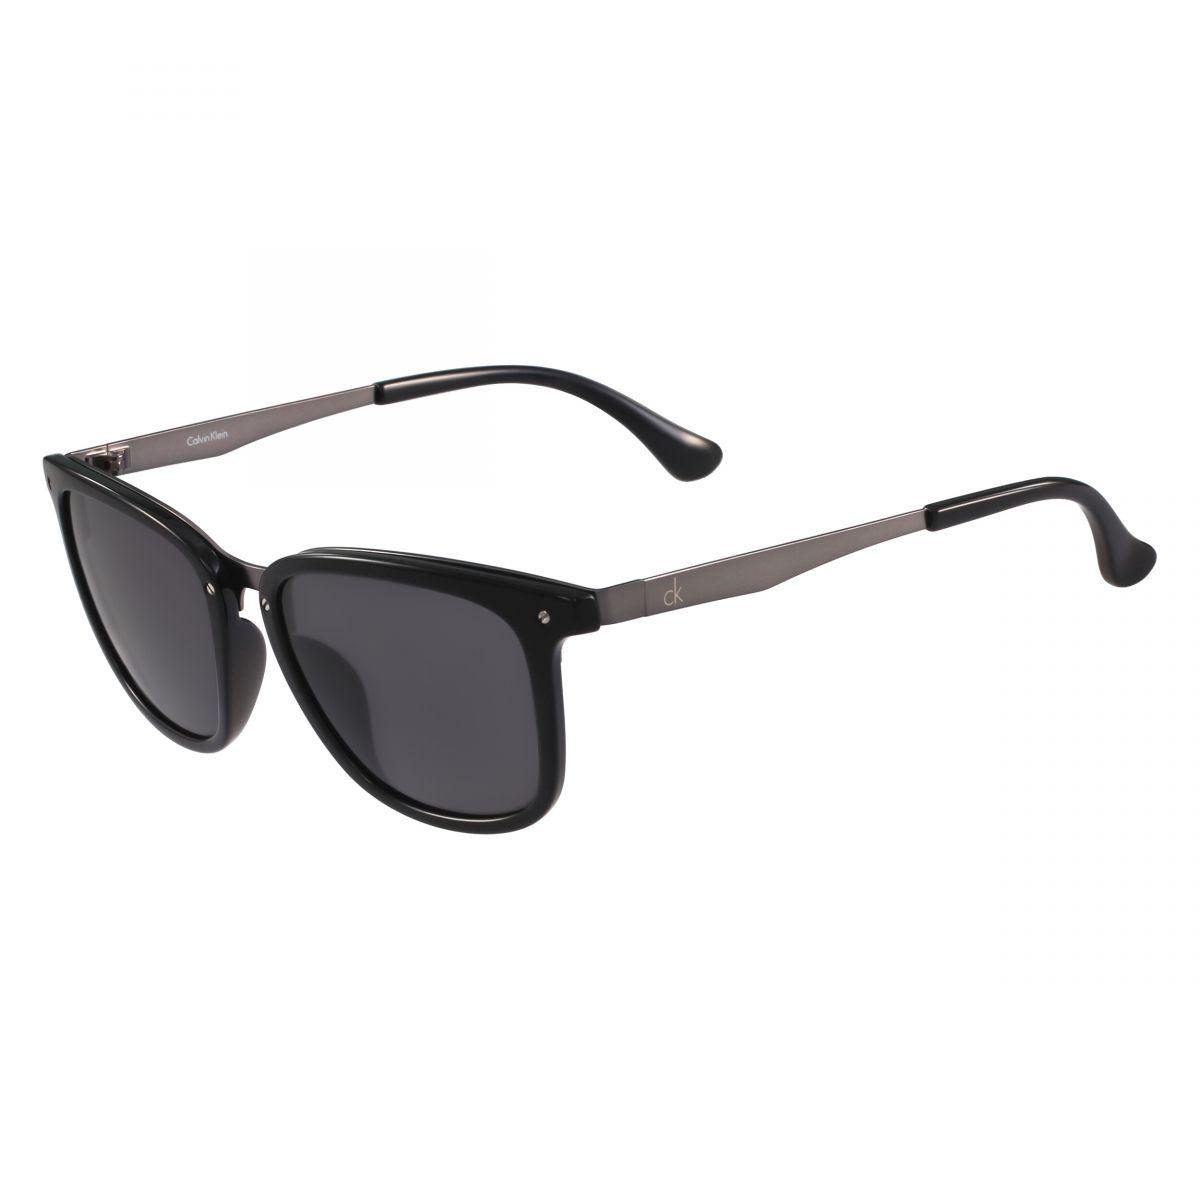 Calvin Klein Sonnenbrille » CK1213S«, schwarz, 001 - schwarz